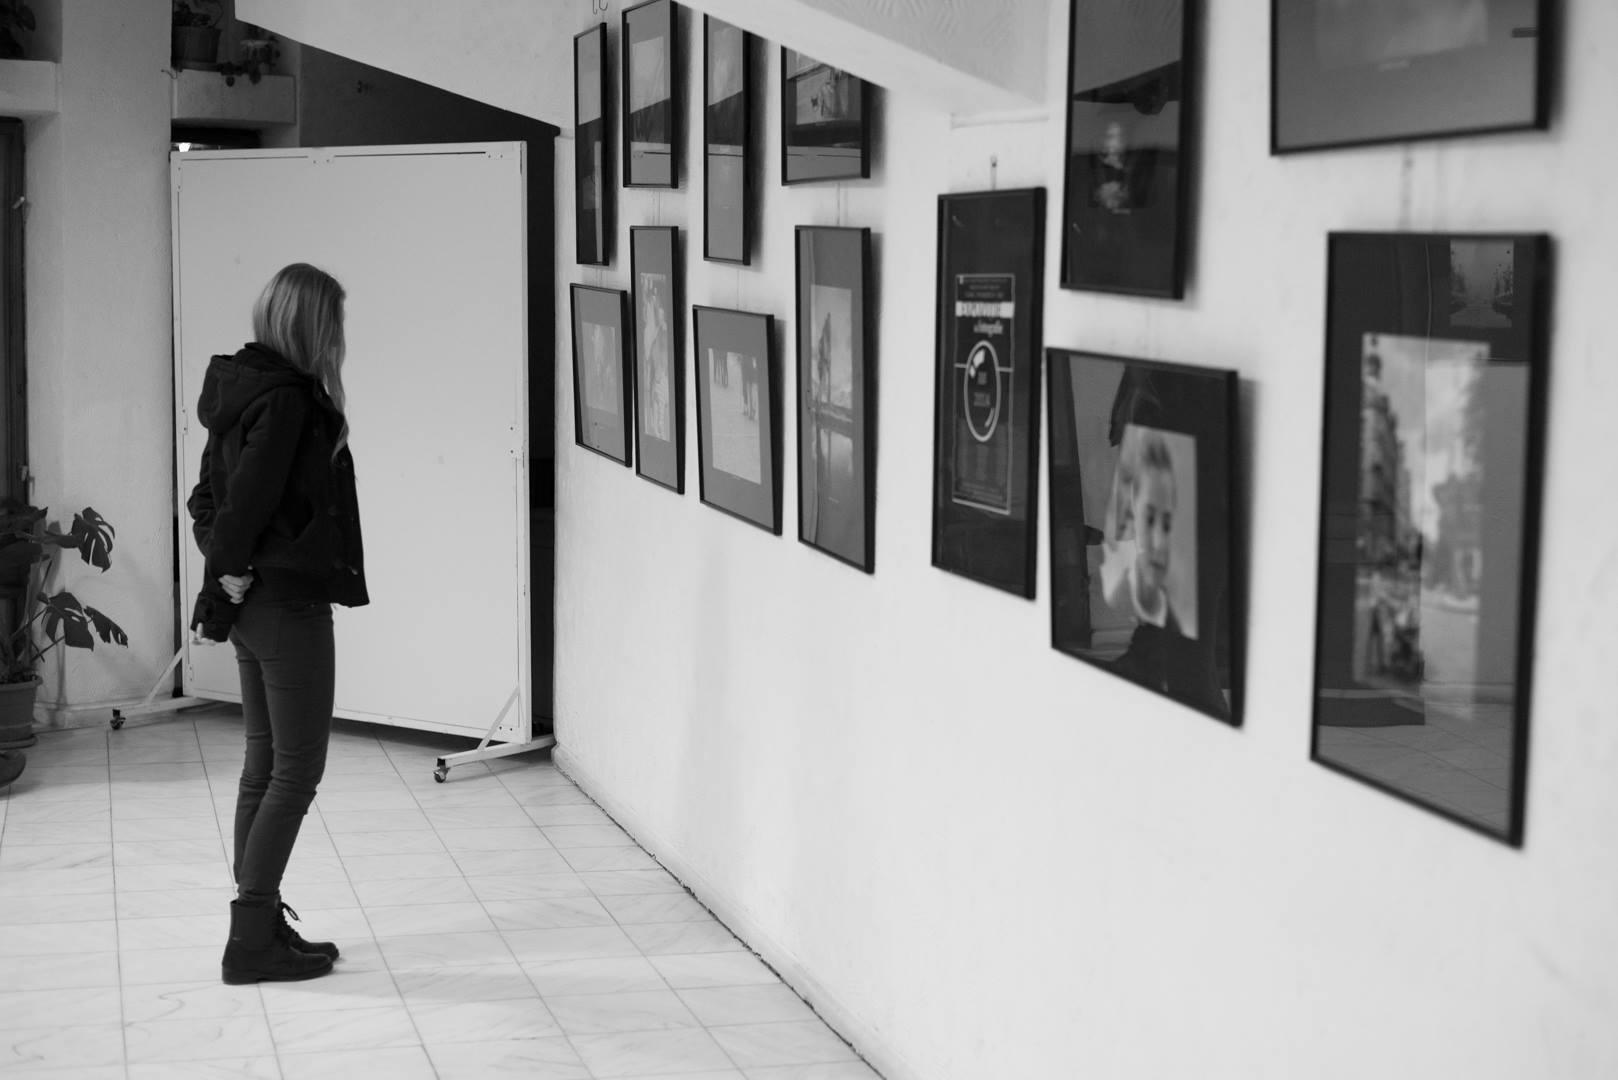 Expoziţie de fotografie Printre popi şi doamne - organizator Clubul Fotografilor Iasi Paul Padurariu cadre de la expozitie